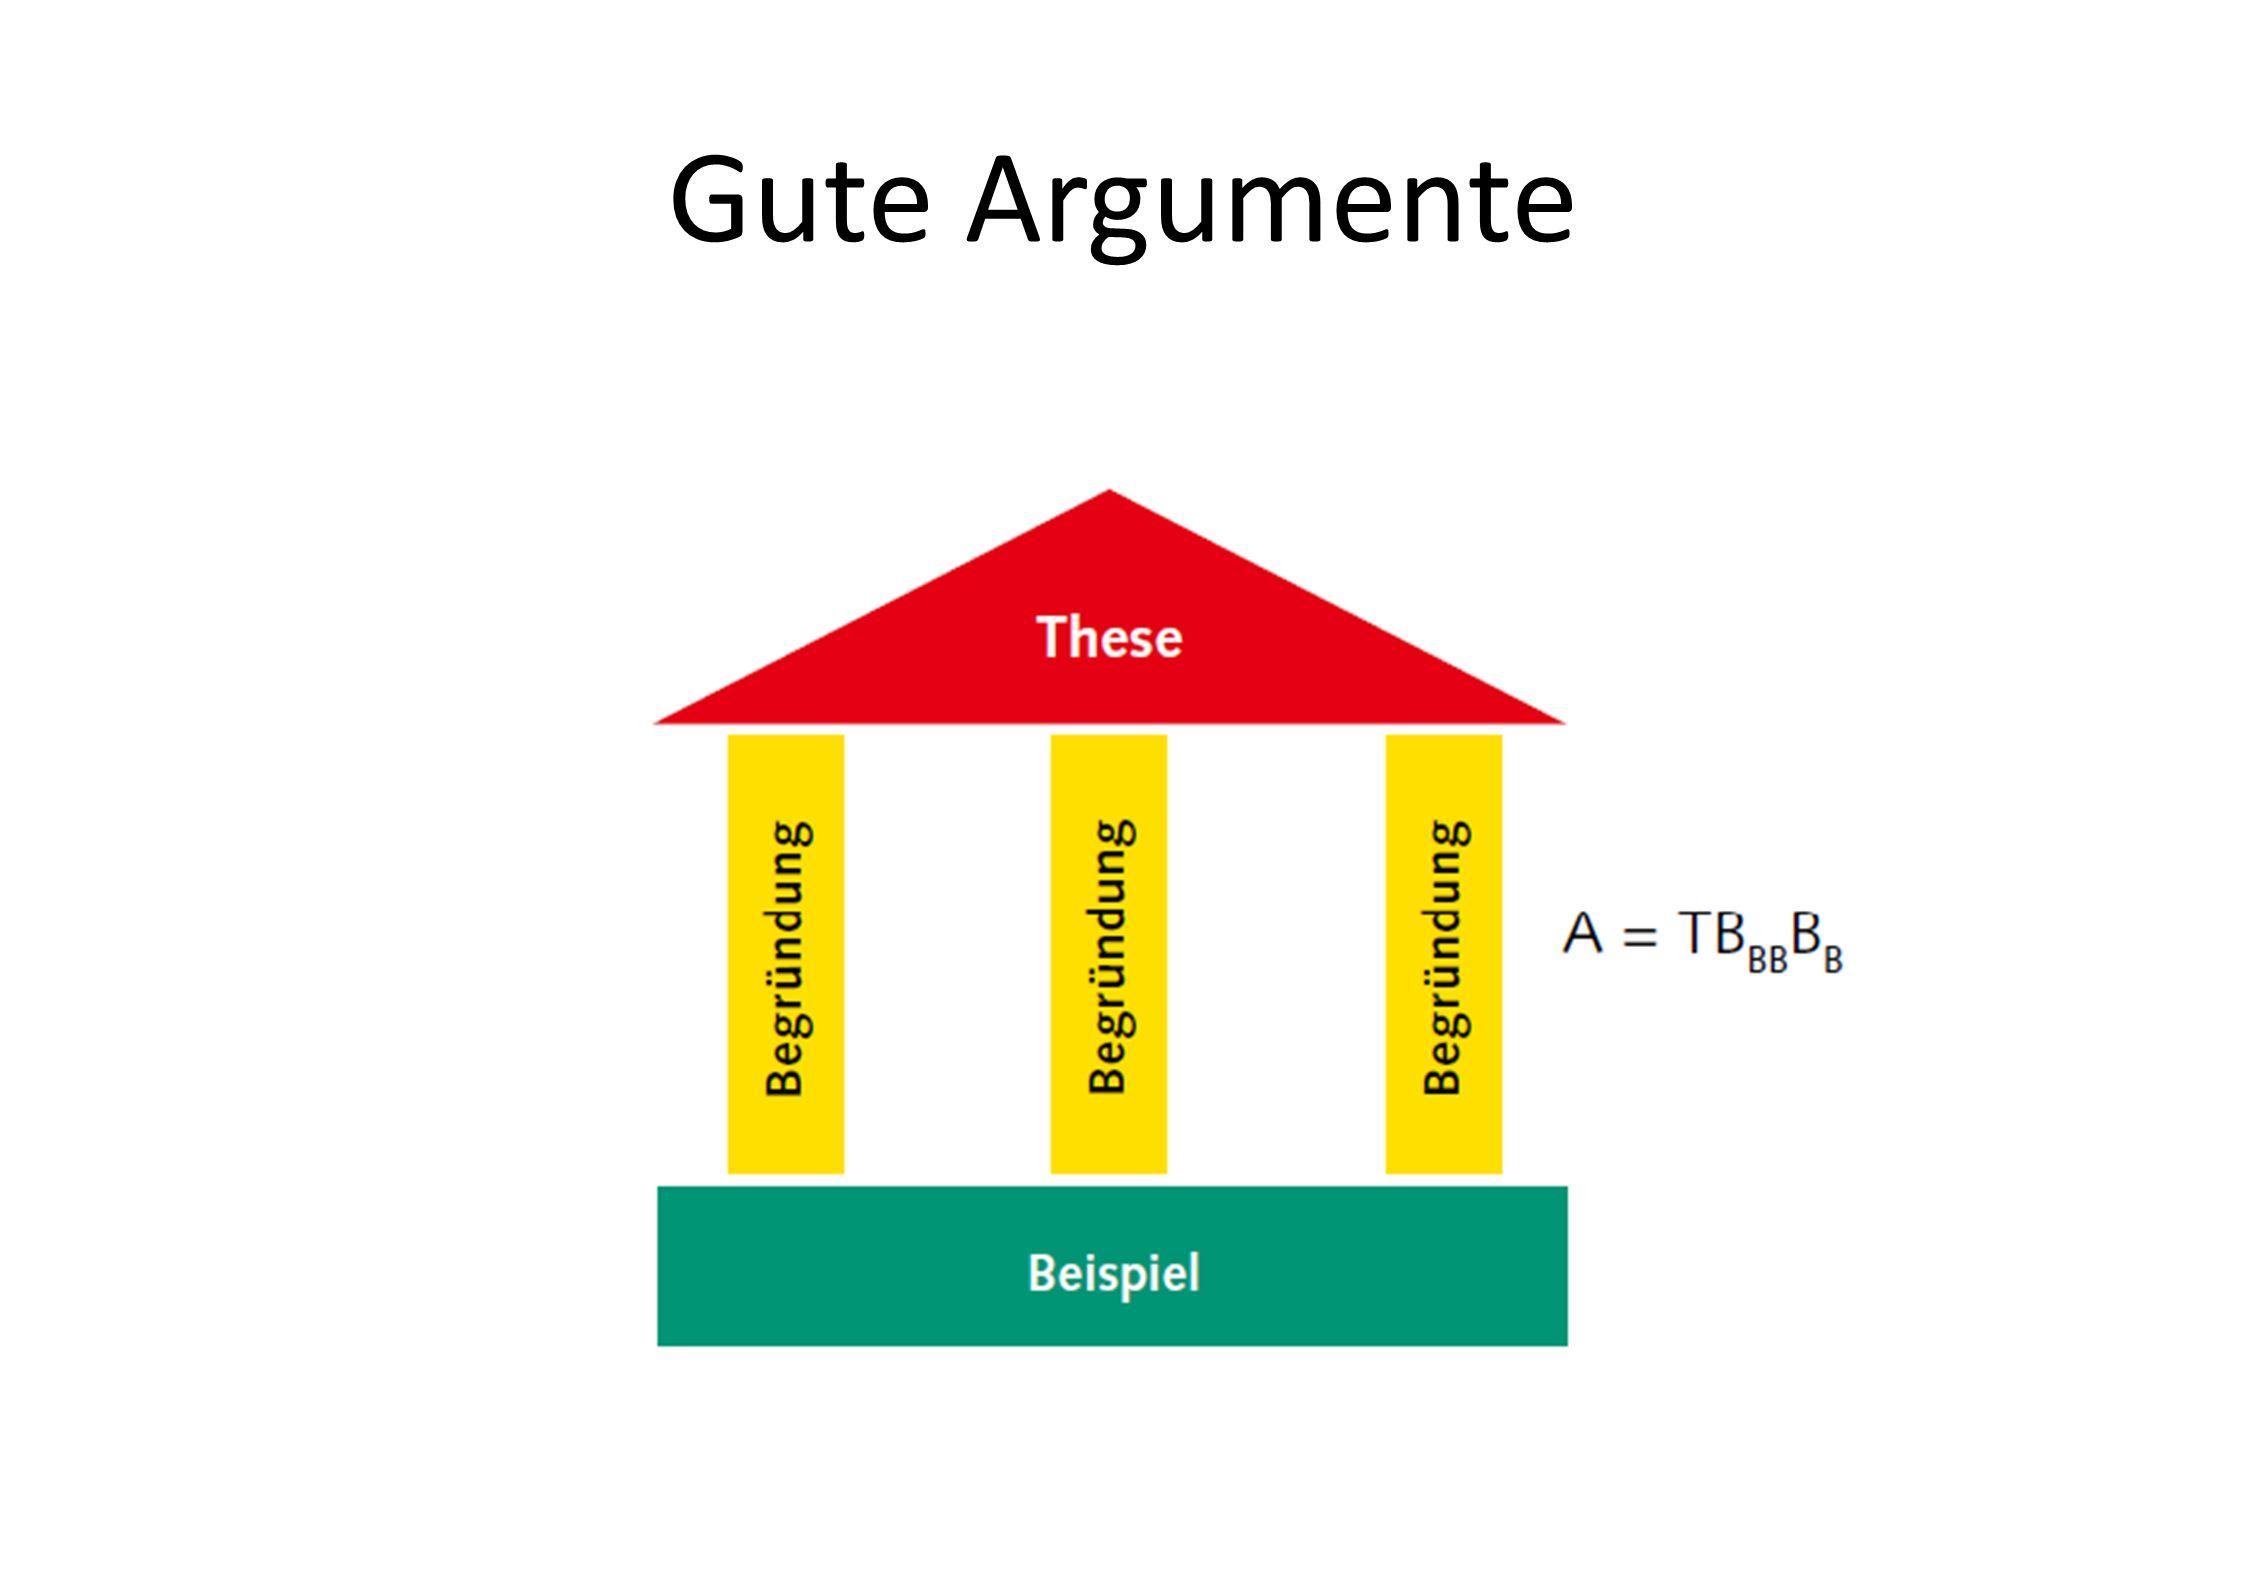 Gute Argumente